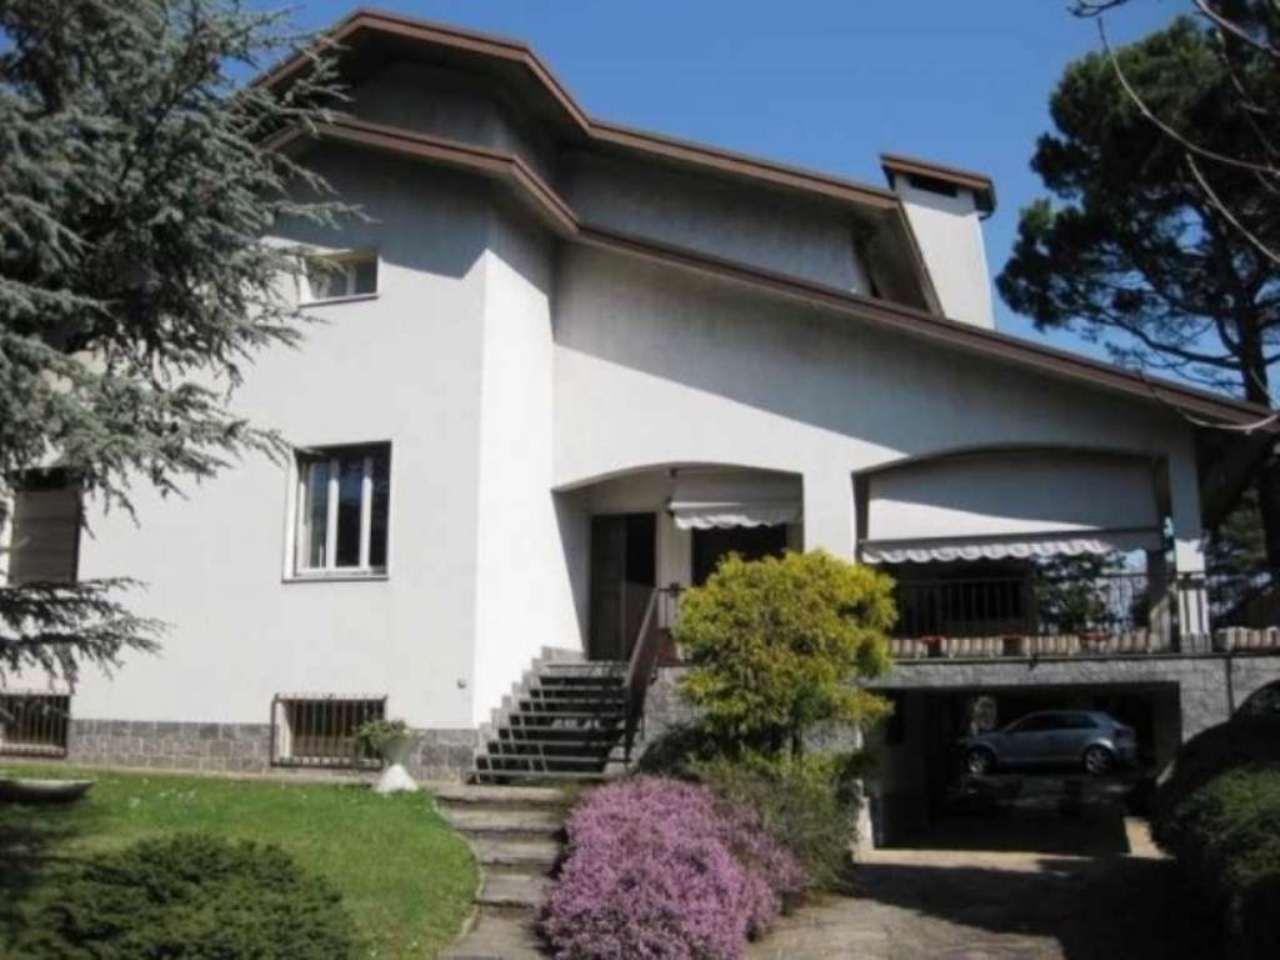 Villa in vendita a Carbonate, 6 locali, prezzo € 370.000 | Cambio Casa.it